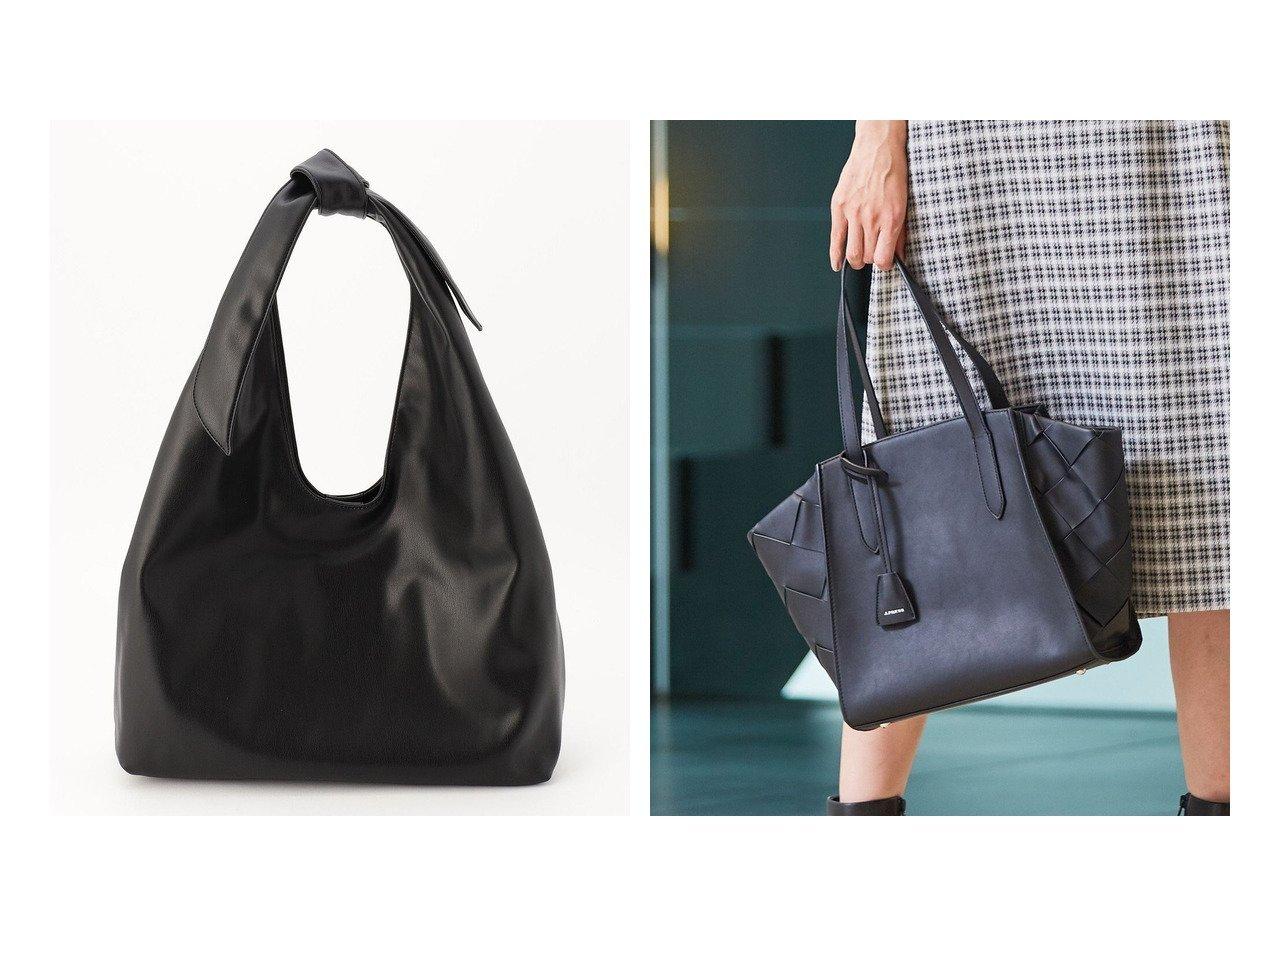 【J.PRESS/ジェイ プレス】の2点セット イントレチャート バッグ&【iCB/アイシービー】のフェイクレザーショルダーバッグ 【バッグ・鞄】おすすめ!人気、トレンド・レディースファッションの通販 おすすめで人気の流行・トレンド、ファッションの通販商品 インテリア・家具・メンズファッション・キッズファッション・レディースファッション・服の通販 founy(ファニー) https://founy.com/ ファッション Fashion レディースファッション WOMEN バッグ Bag 送料無料 Free Shipping 2021年 2021 2021-2022秋冬・A/W AW・Autumn/Winter・FW・Fall-Winter・2021-2022 A/W・秋冬 AW・Autumn/Winter・FW・Fall-Winter シンプル リボン イタリア クラシカル クラシック ショルダー スマホ トレンド フロント ポケット 手編み  ID:crp329100000071427